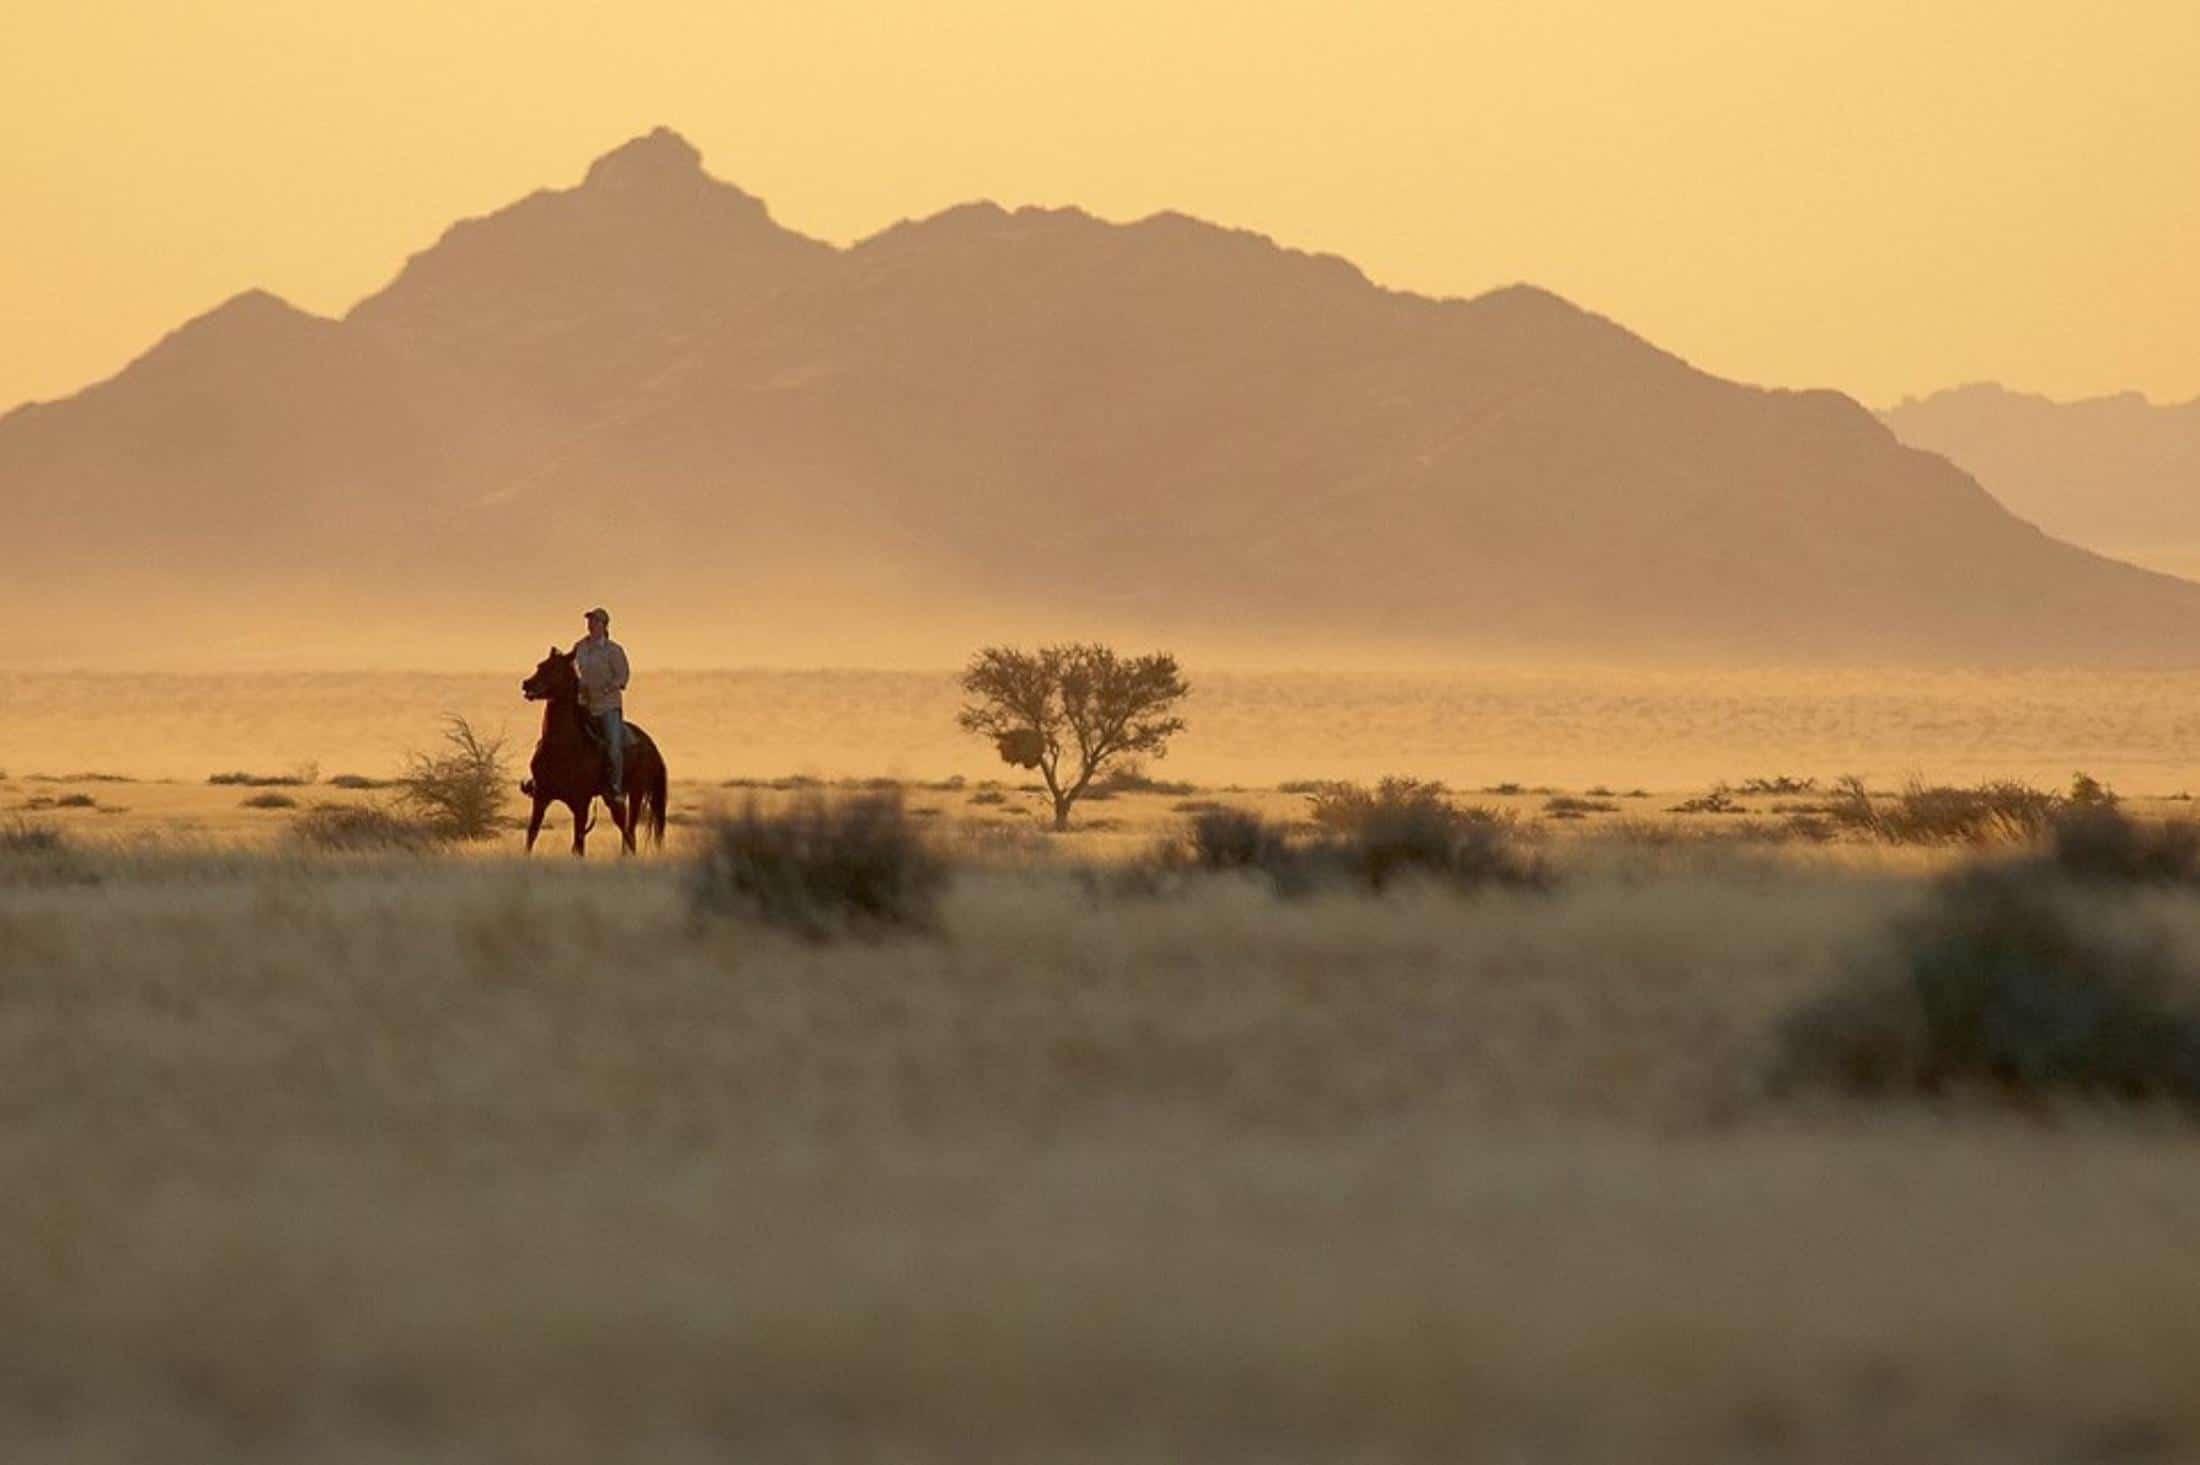 Paarden safari Afrika - Paardrijden in het landschap van de Namib woestijn,Desert Homestead